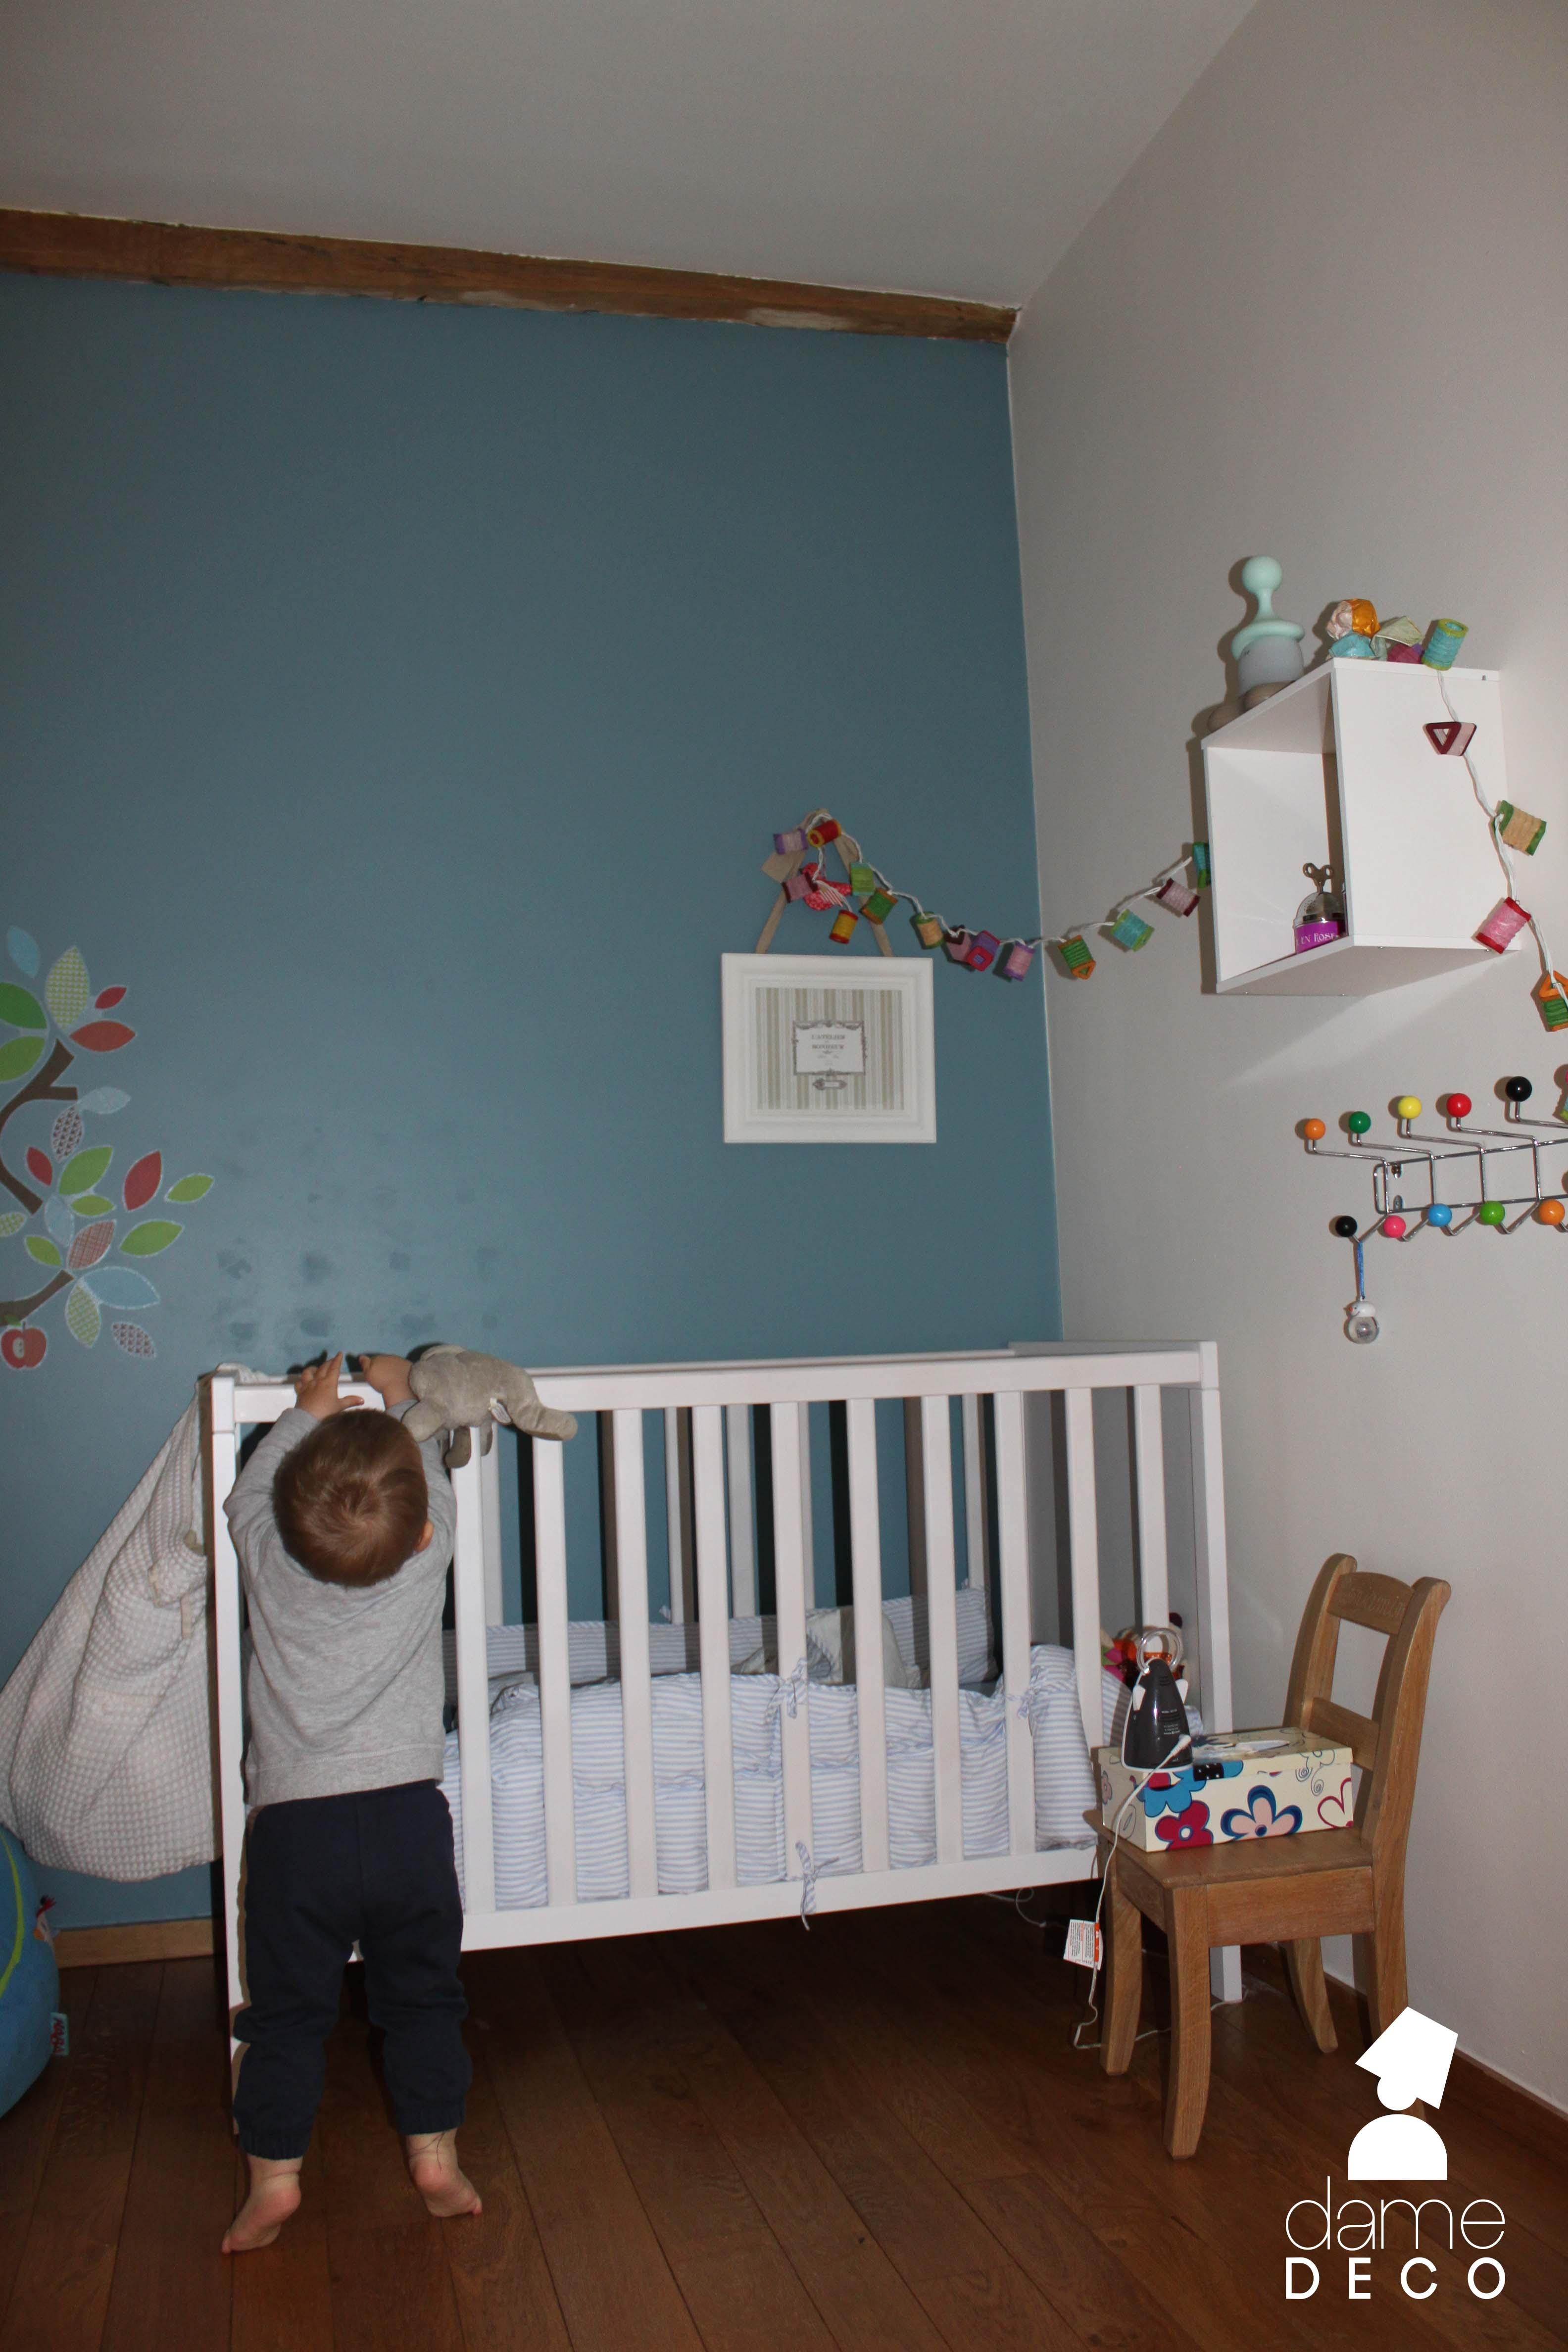 Blog realisations conseils couleurs - Choix de couleurs pour une chambre ...